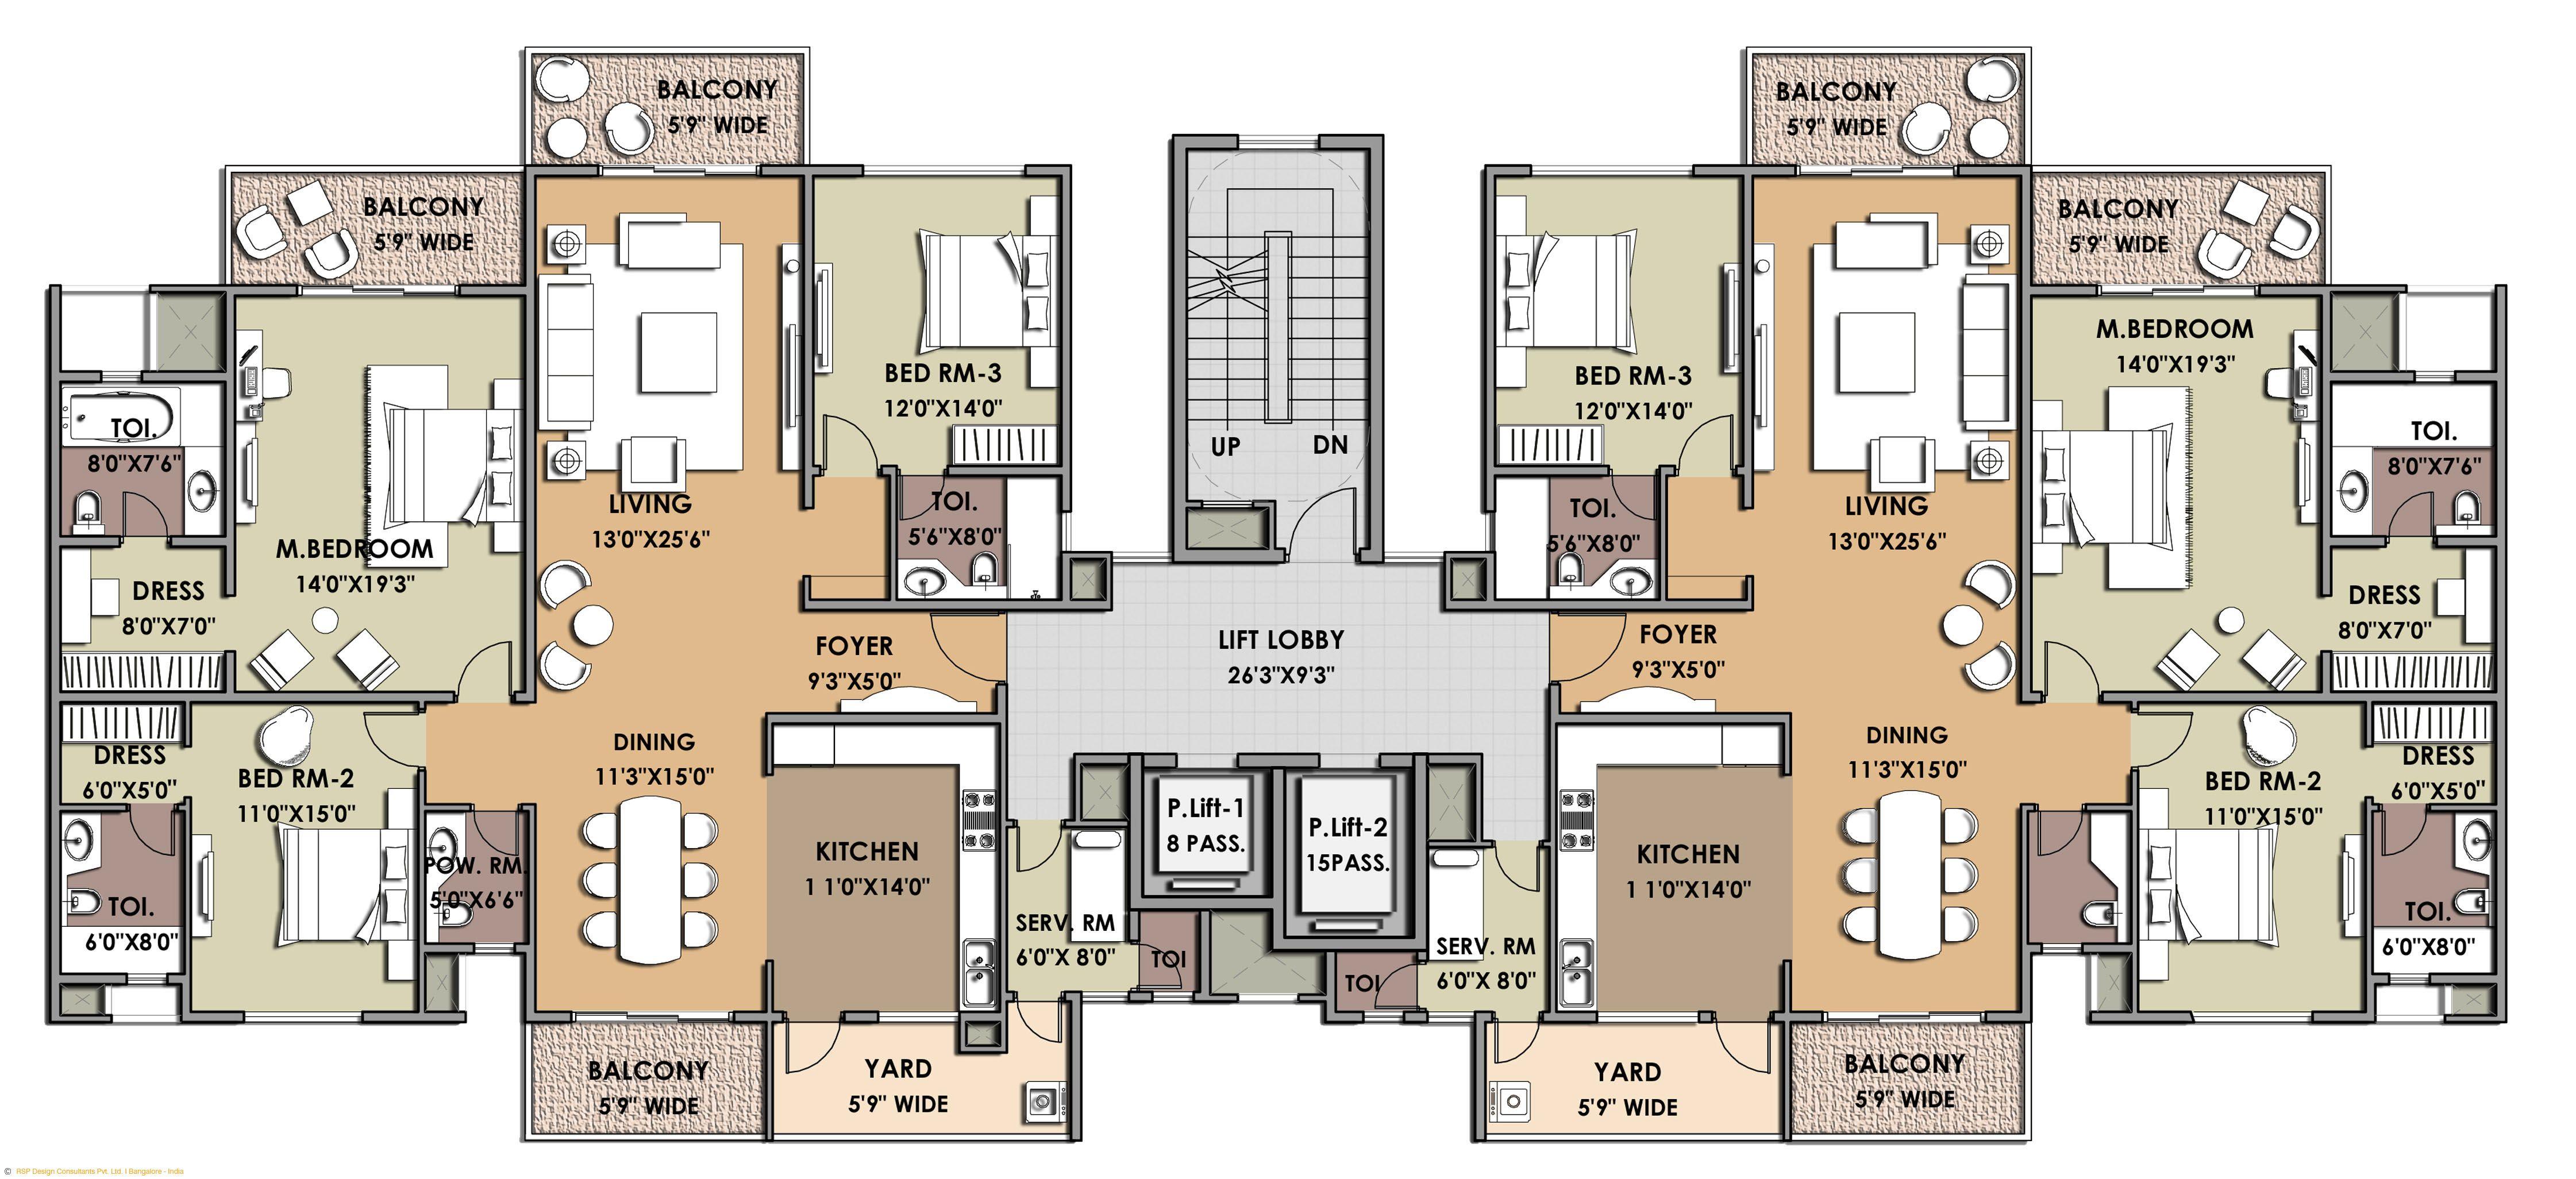 Apartment Unit Plans Plan